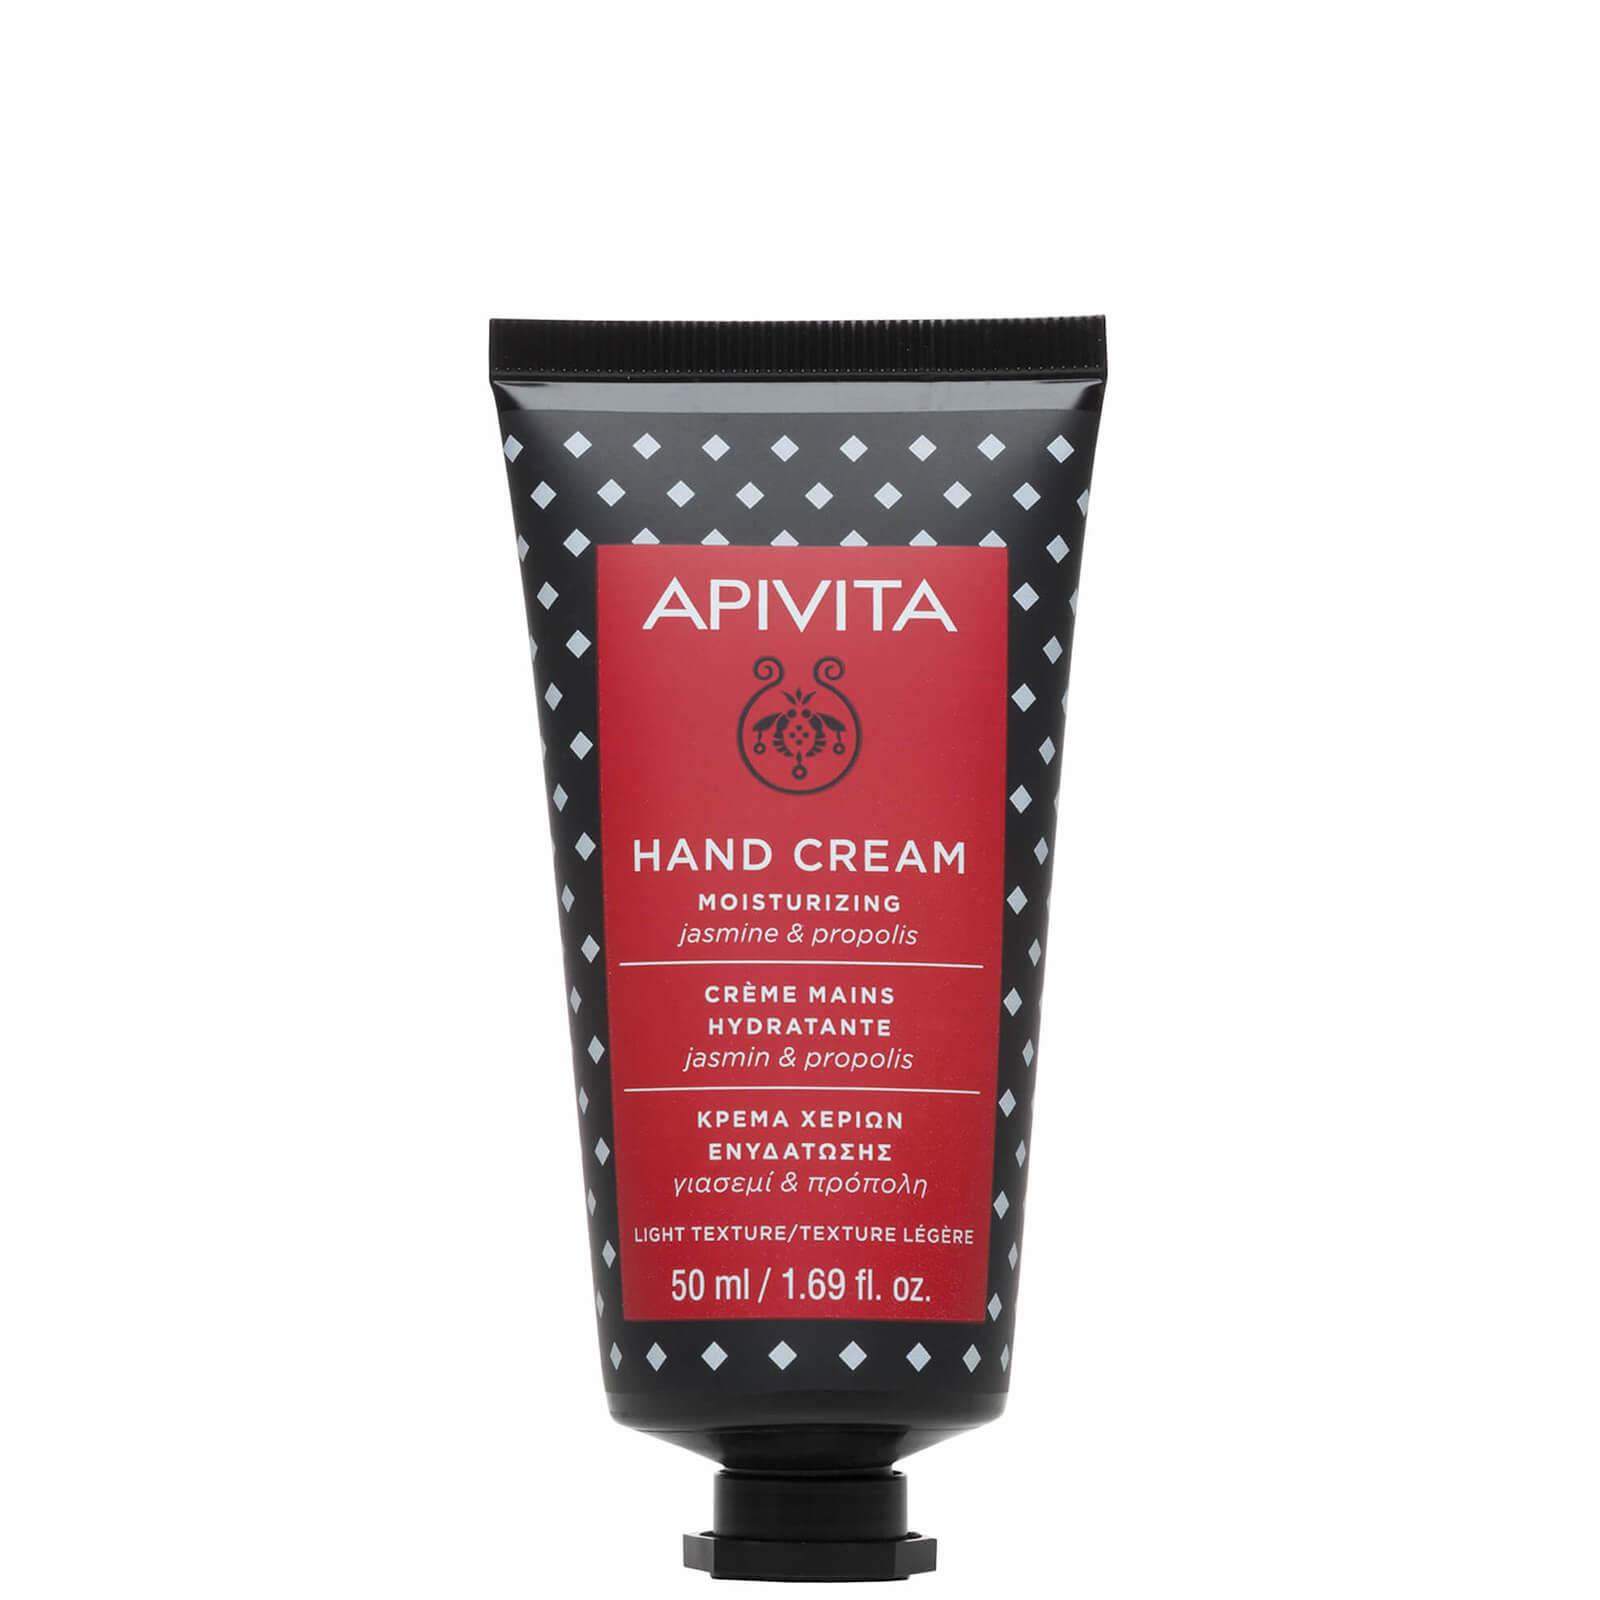 Купить Увлажняющий крем для рук с жасмином и прополисом APIVITA Hand Care Moisturizing Hand Cream - Jasmine & Propolis 50 мл